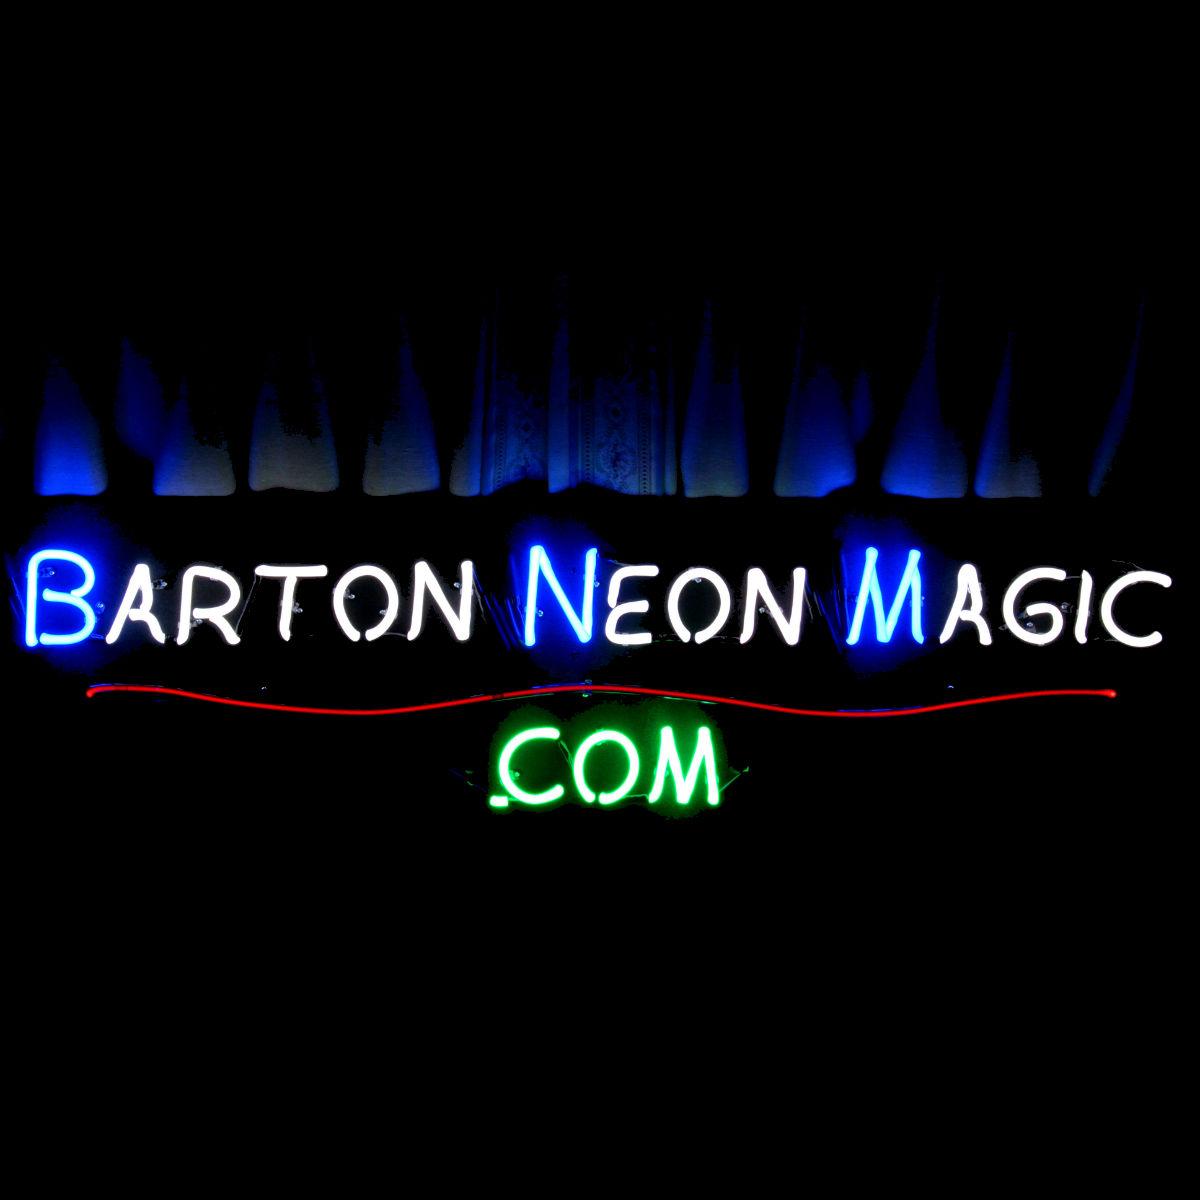 Packard Original Script Neon Signs by John Barton - former Packard New Car Dealer - BartonNeonMagic.com